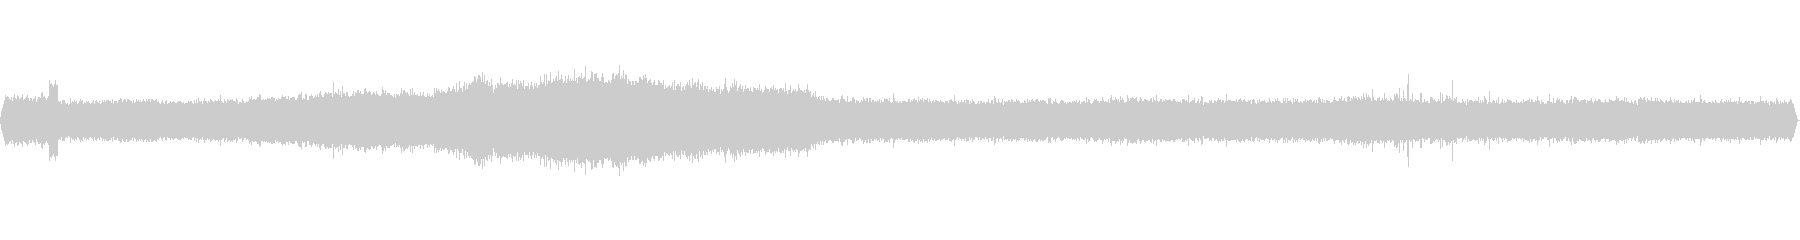 飛行場、空港展望デッキ環境音(ステレオ)の未再生の波形